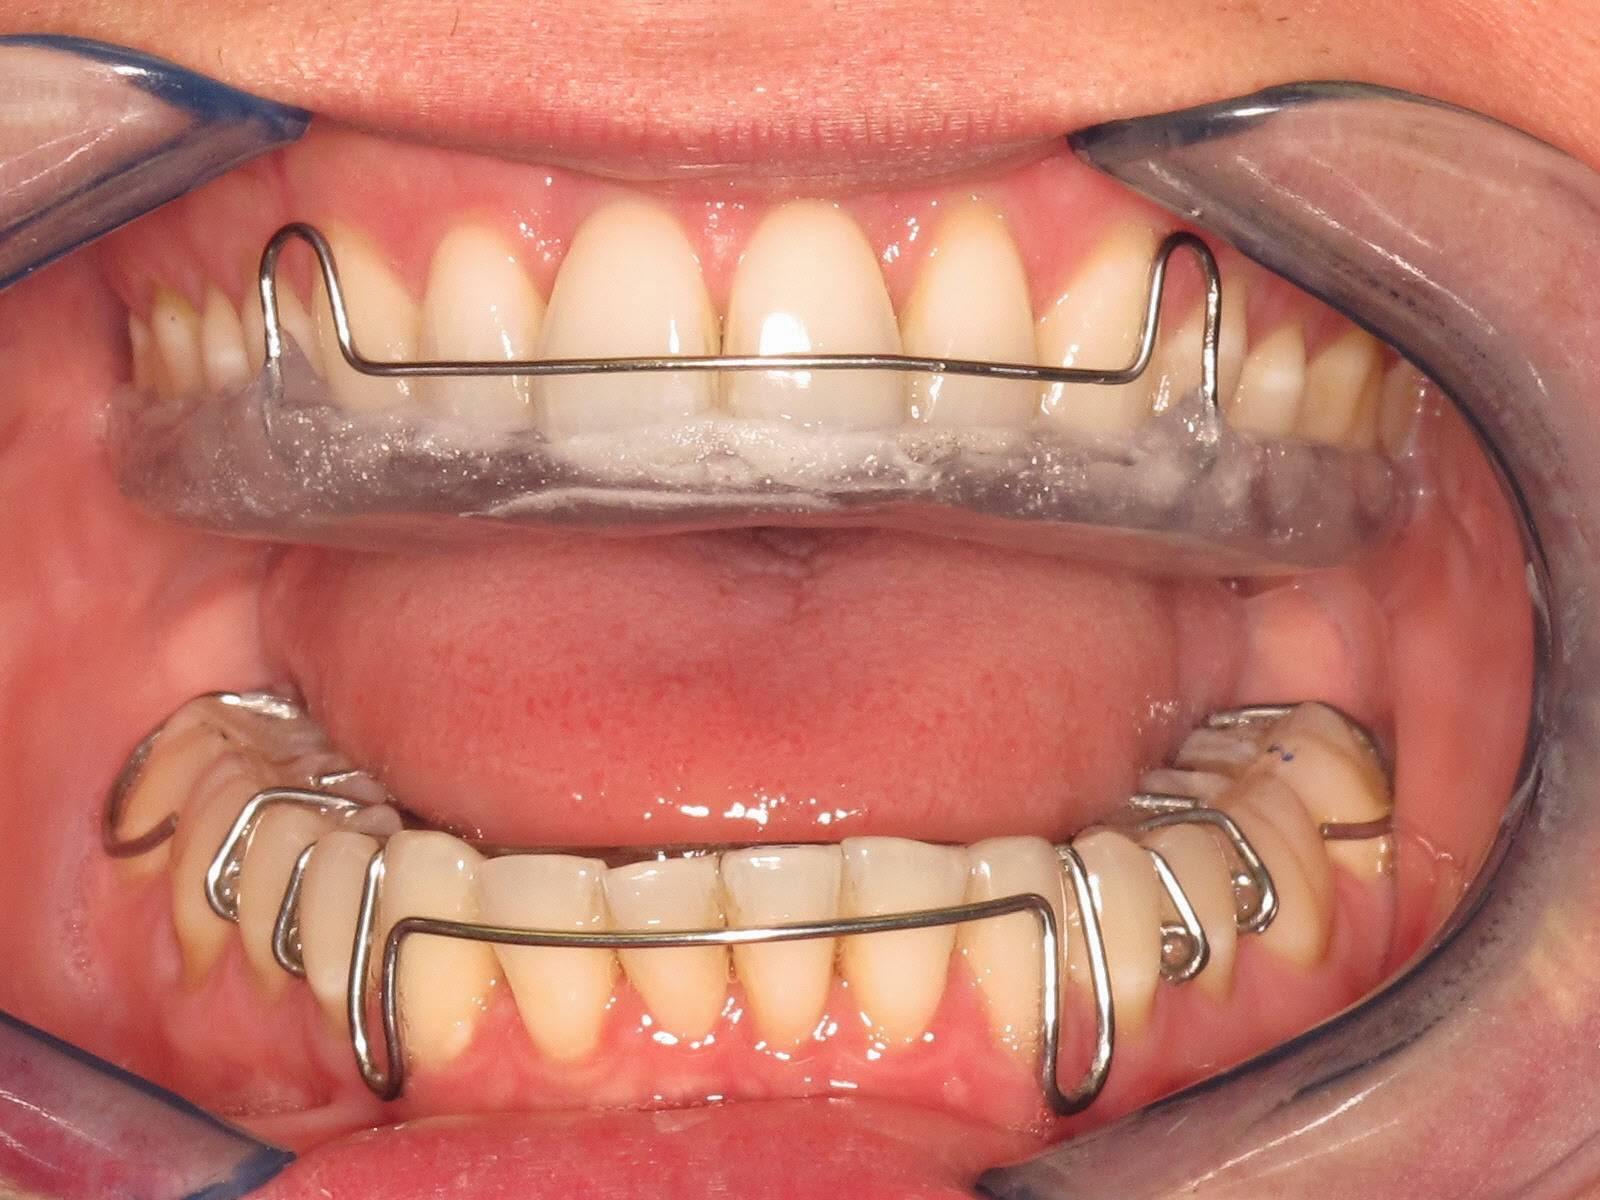 Починка, коррекция несъемного ретейнера (внутрикаб.) в москве - цены от 400 рублей, адреса стоматологий, отзывы пациентов